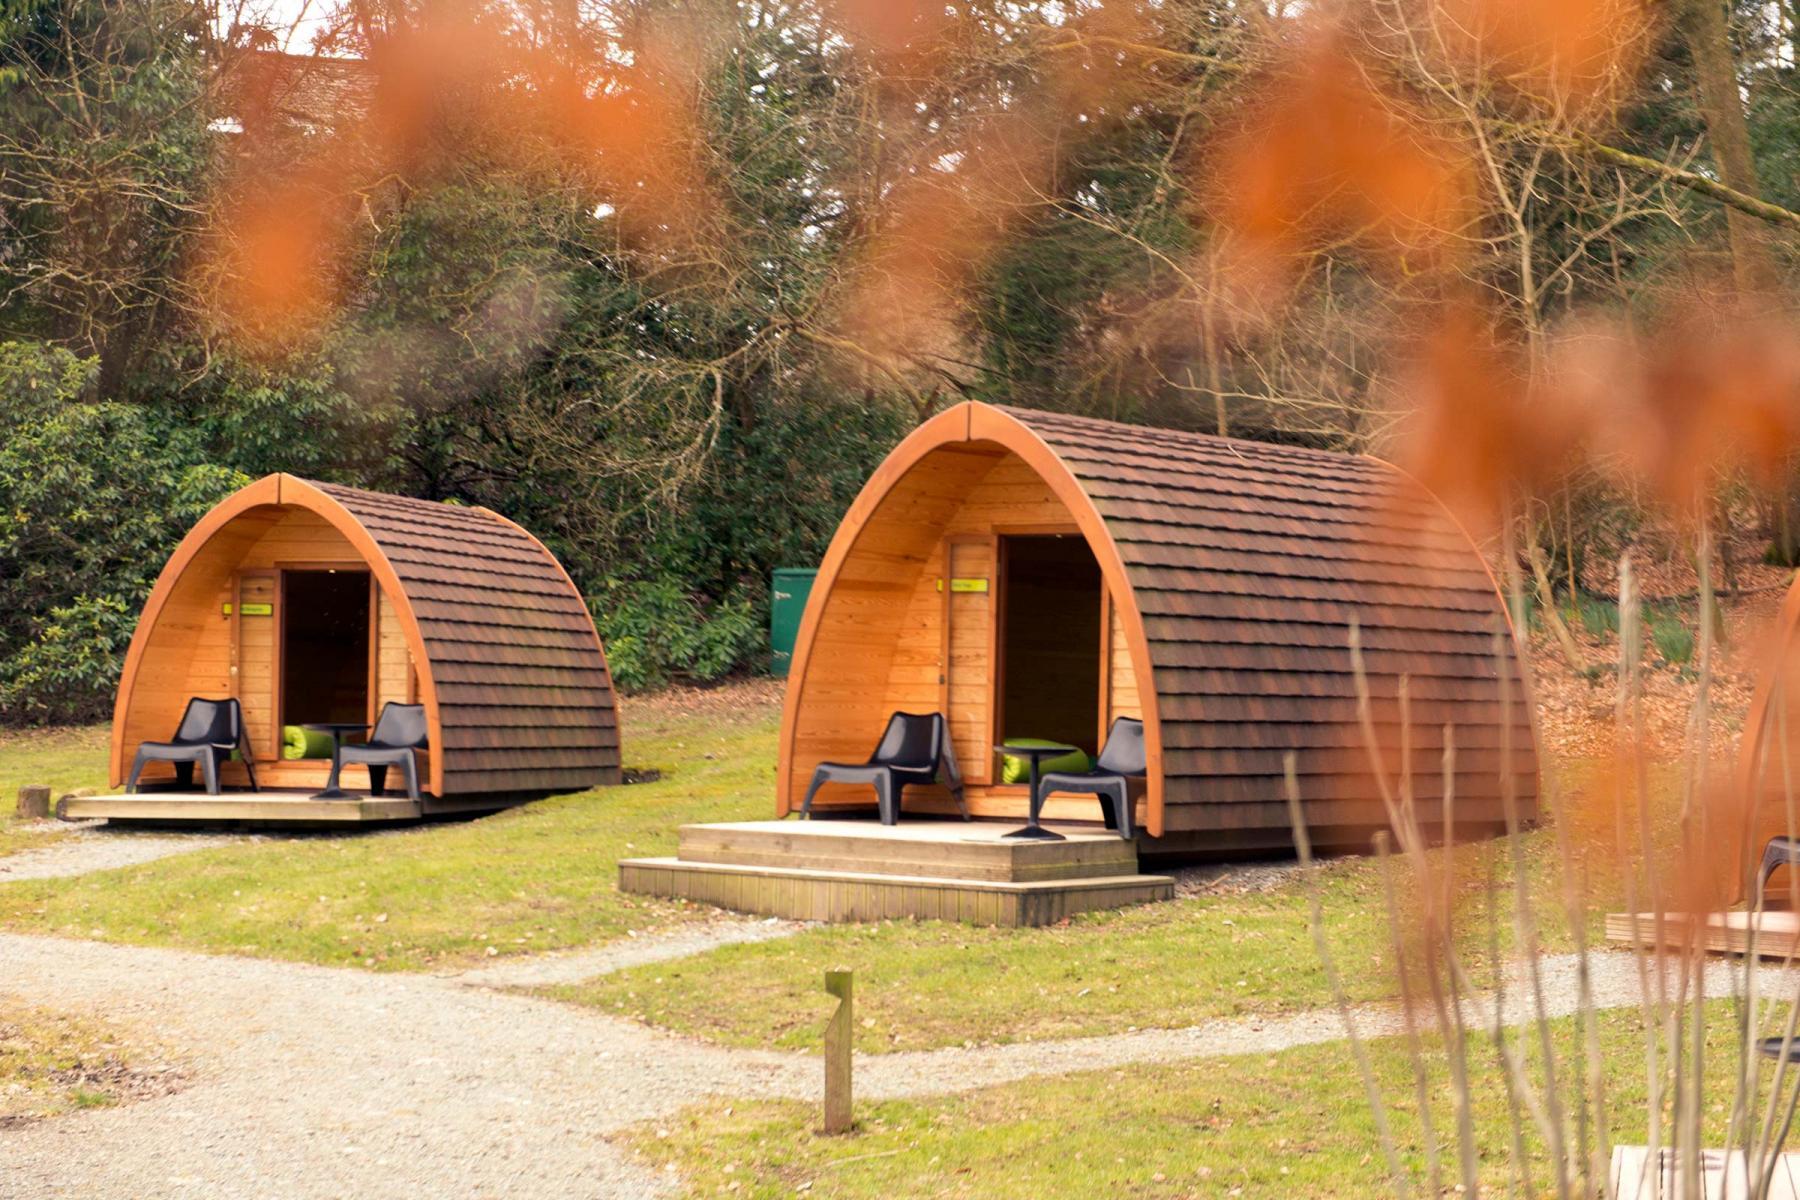 Camping Pods at Hawkshead YHA